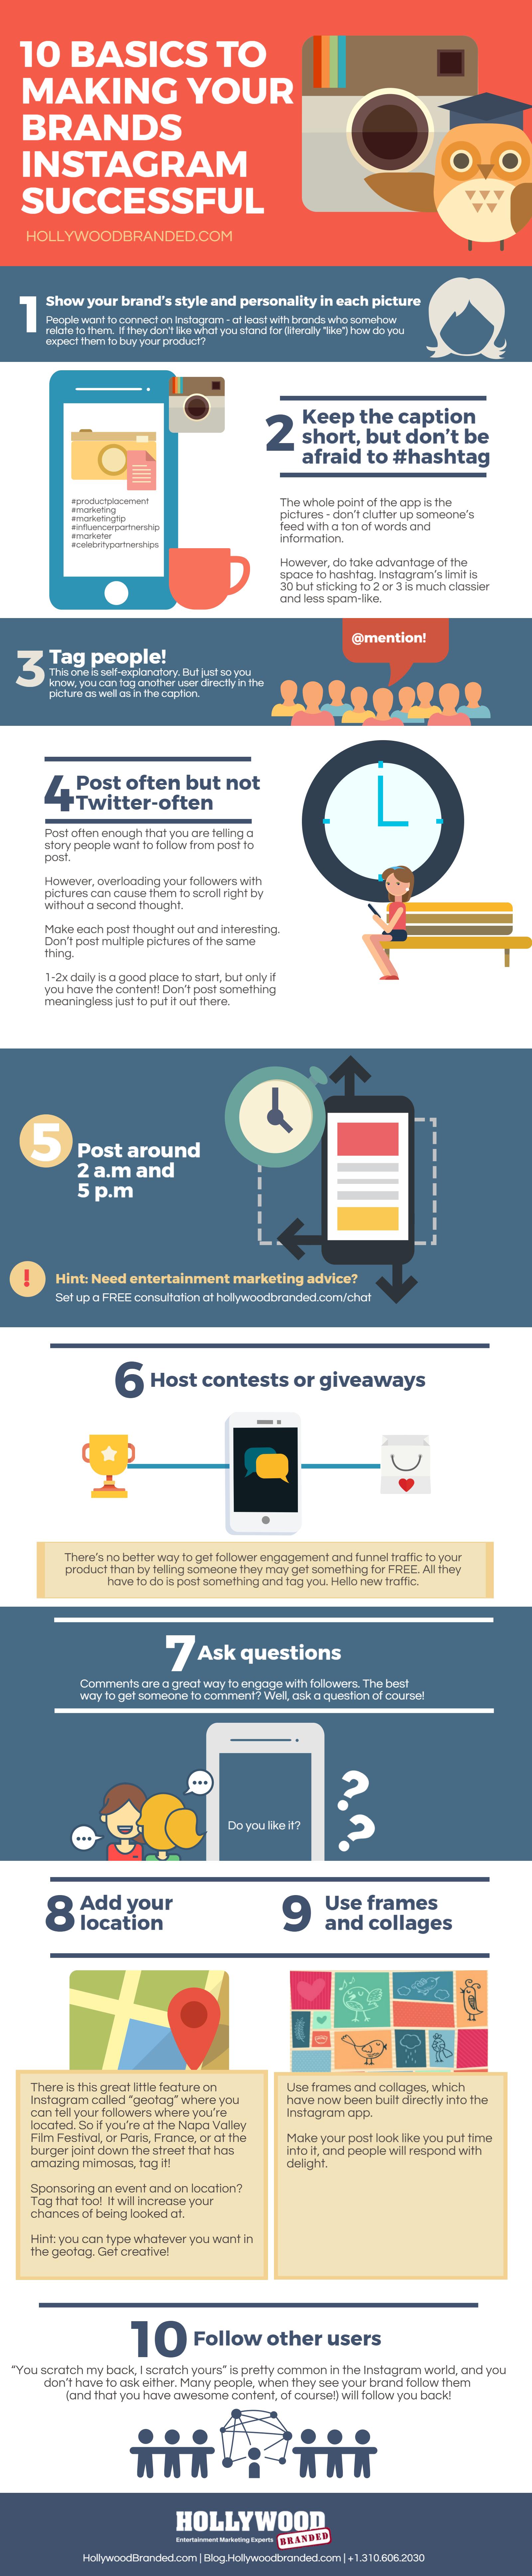 10 Insider Tips For Instagram.png